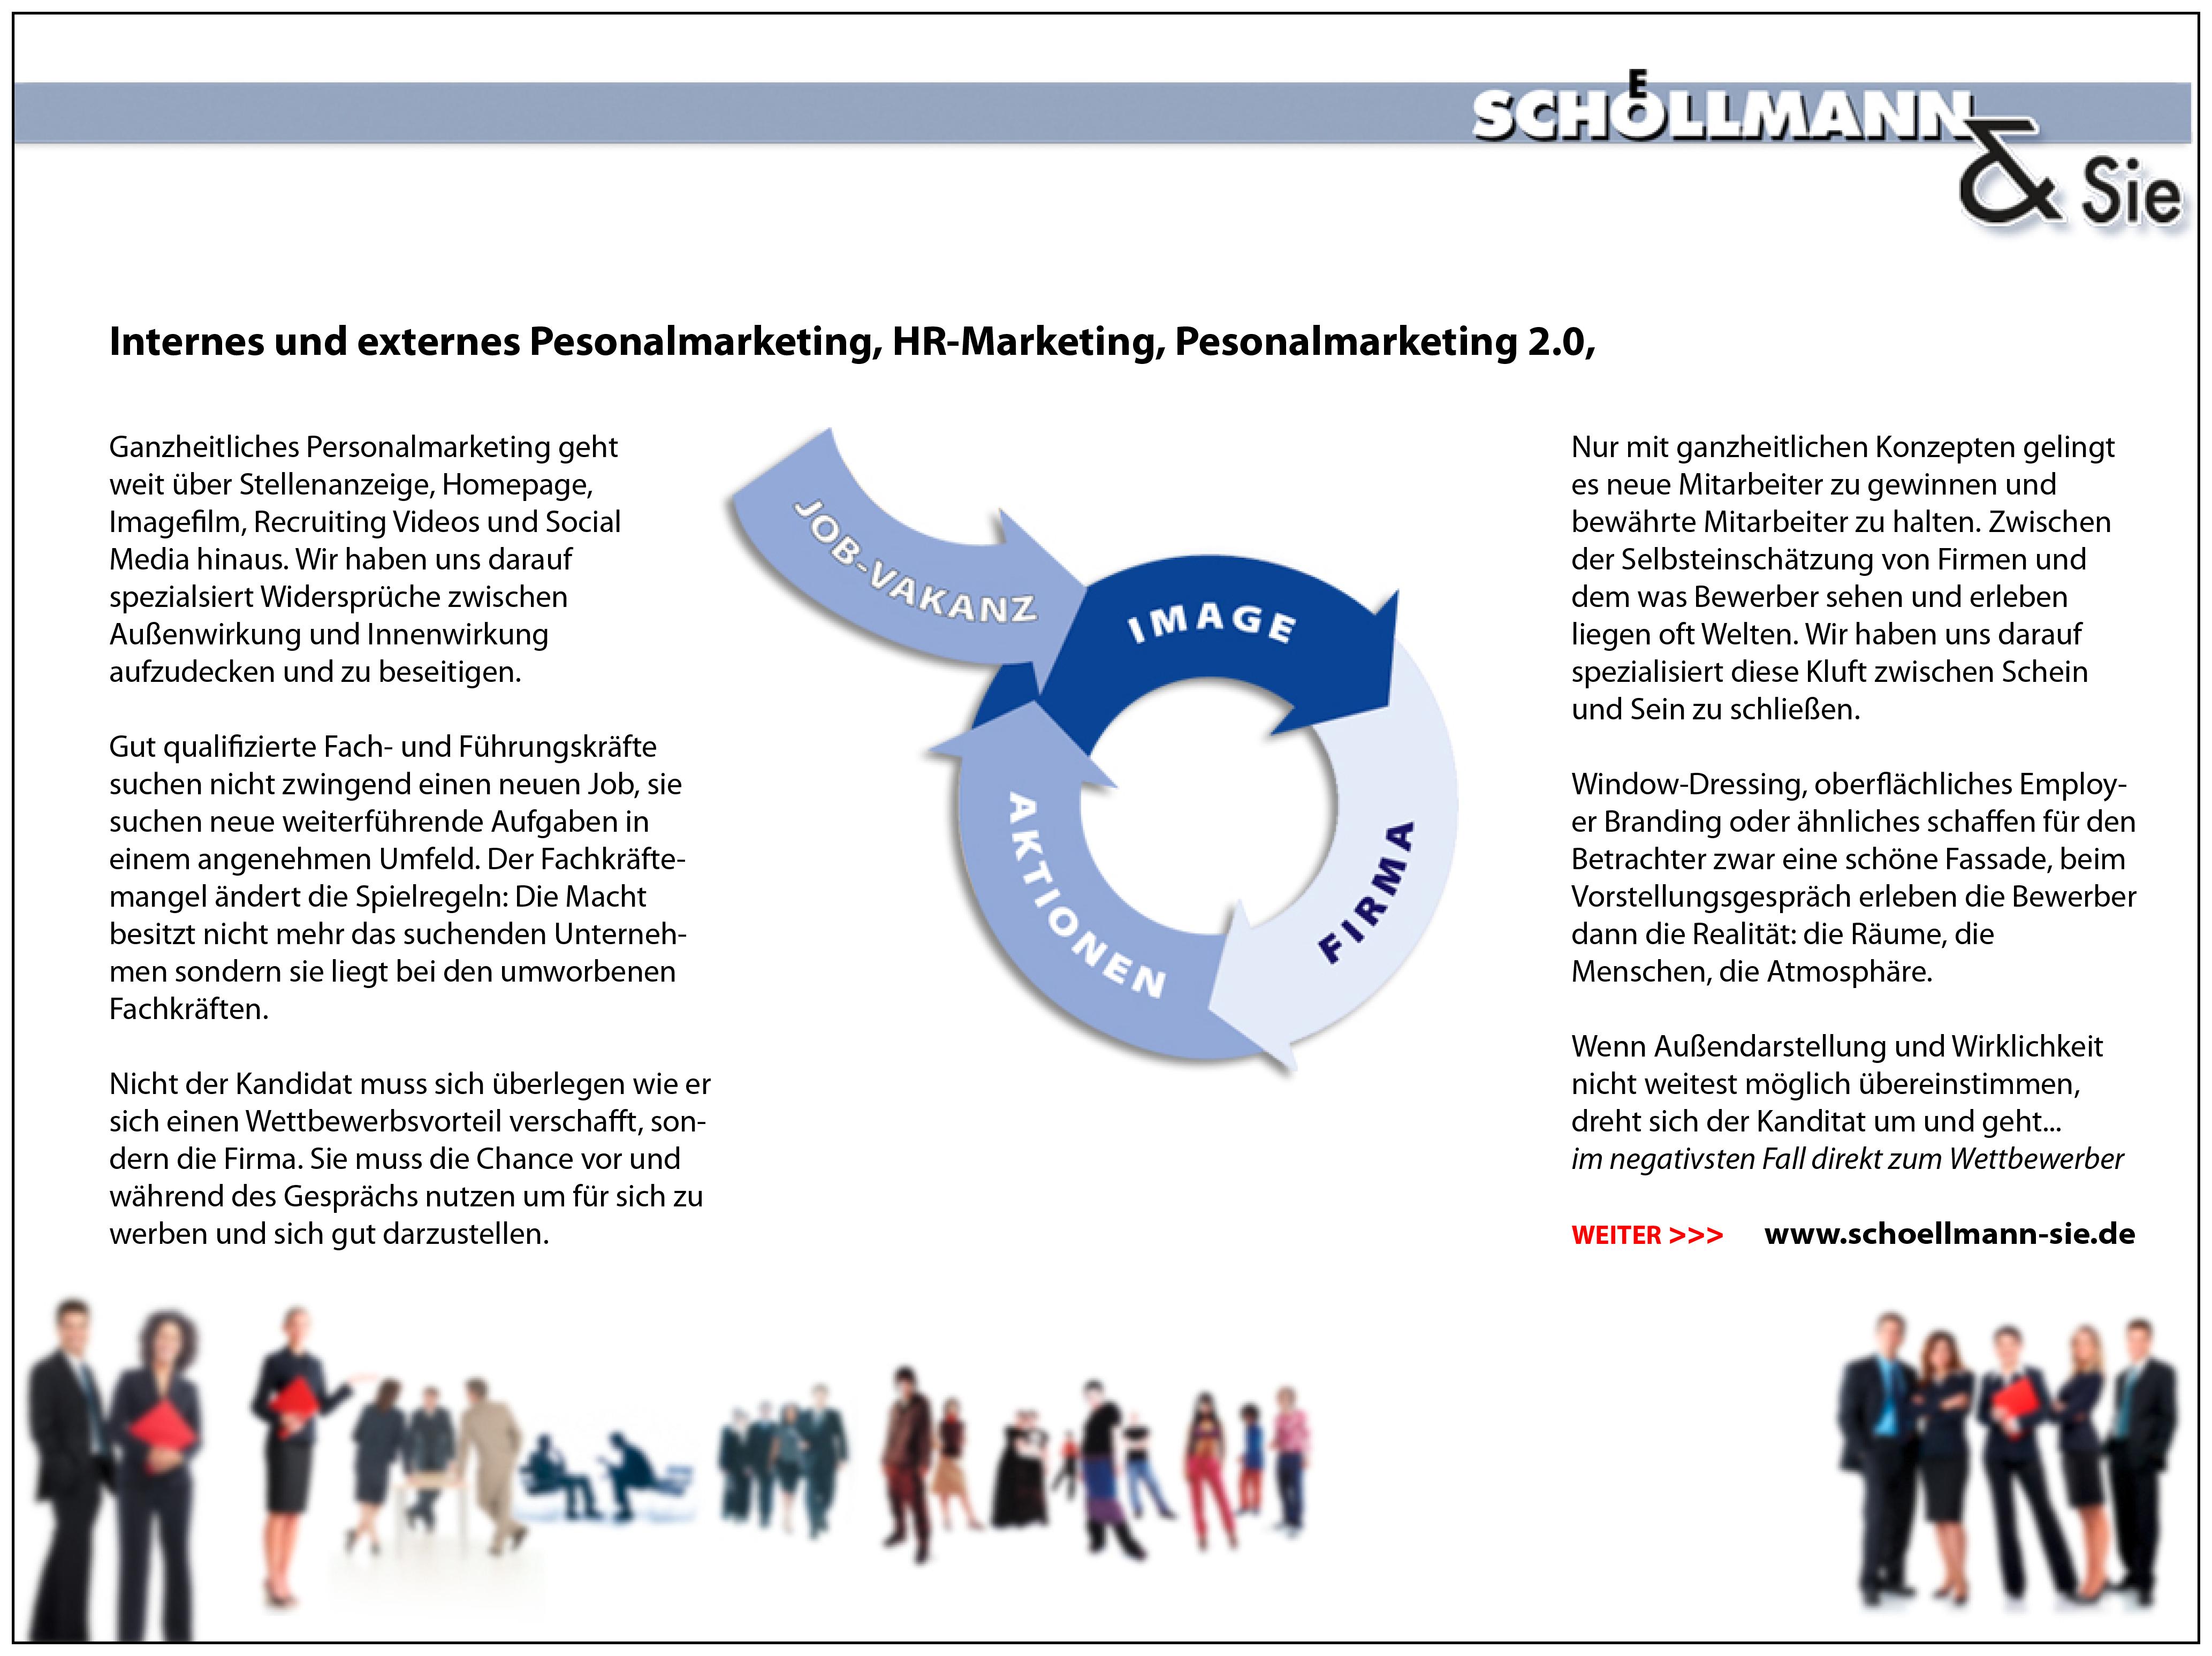 Übersicht - Schoellmann & Sie ist Werbeagentur, Marketingagentur, Gender Marketing, Webdesign, Personal Marketing, Employer Branding Weinheim Mannheim Heidelberg